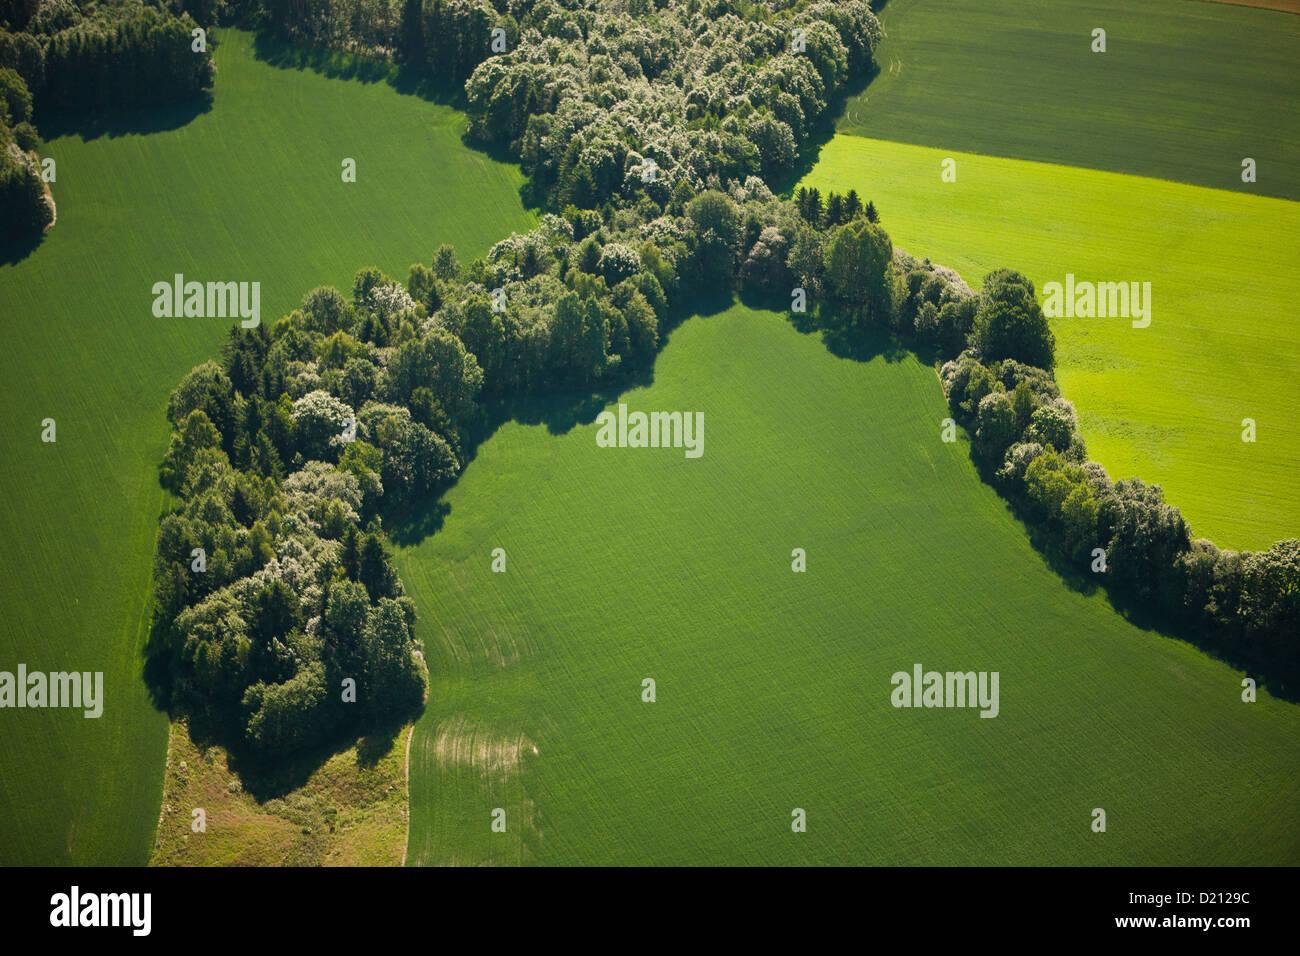 Luftaufnahme von grünen und gelben Feldern und Wald. in der Nähe von Lillestrøm, südöstlichen Stockbild